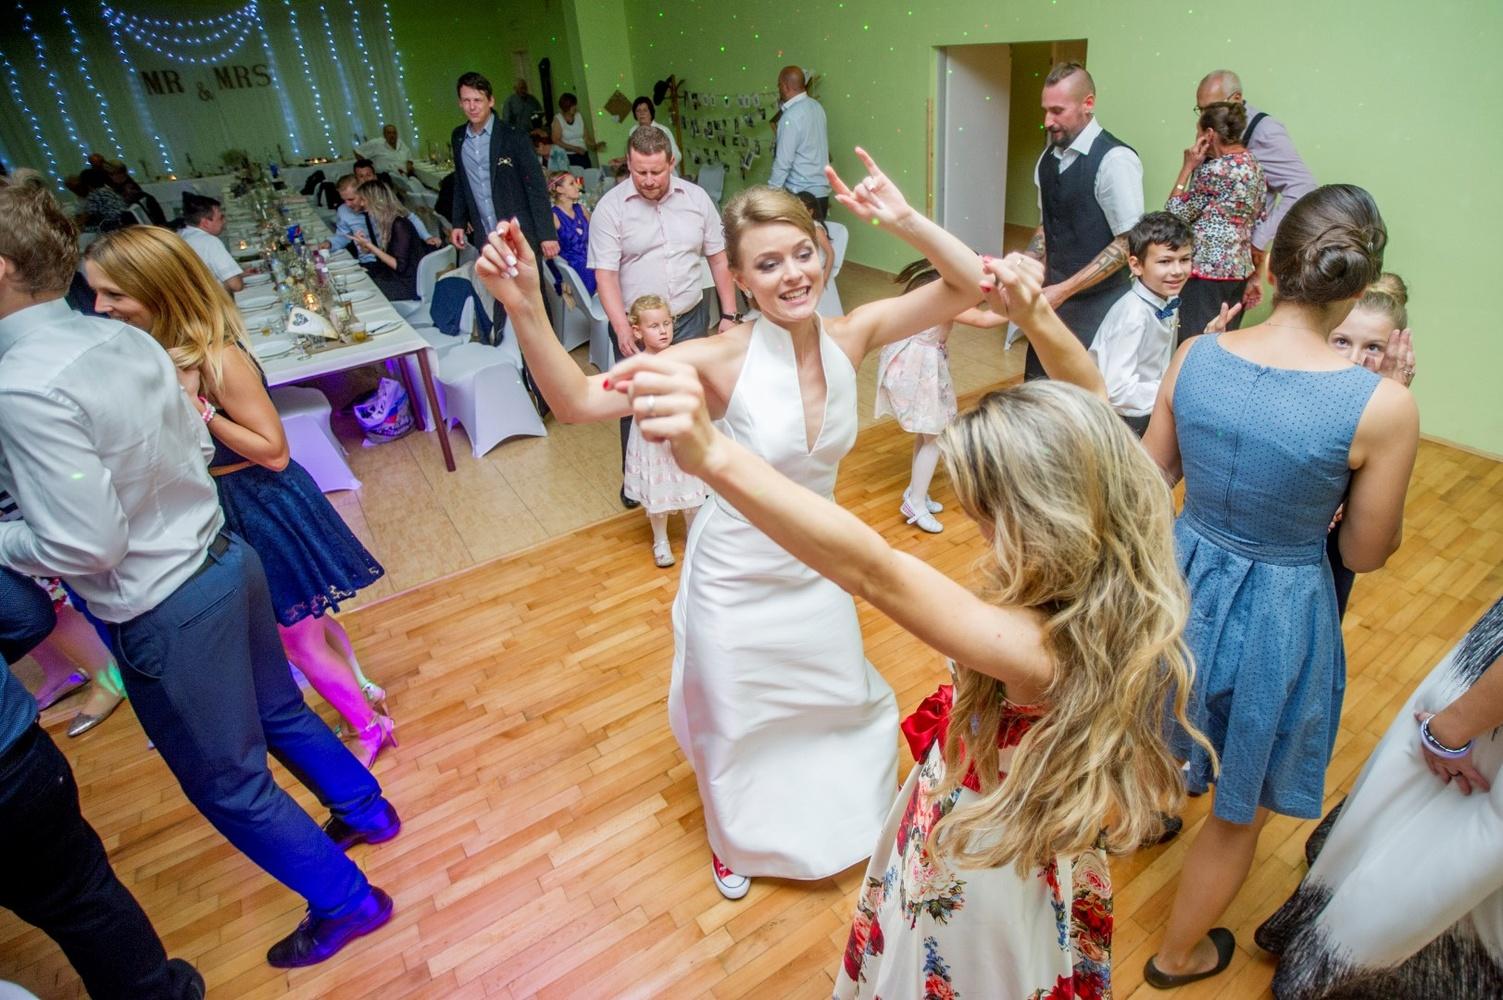 http://www.fotoz.sk/images/gallery-8/normal/eskuvoi-fotos_svadobny-fotograf_574.jpg